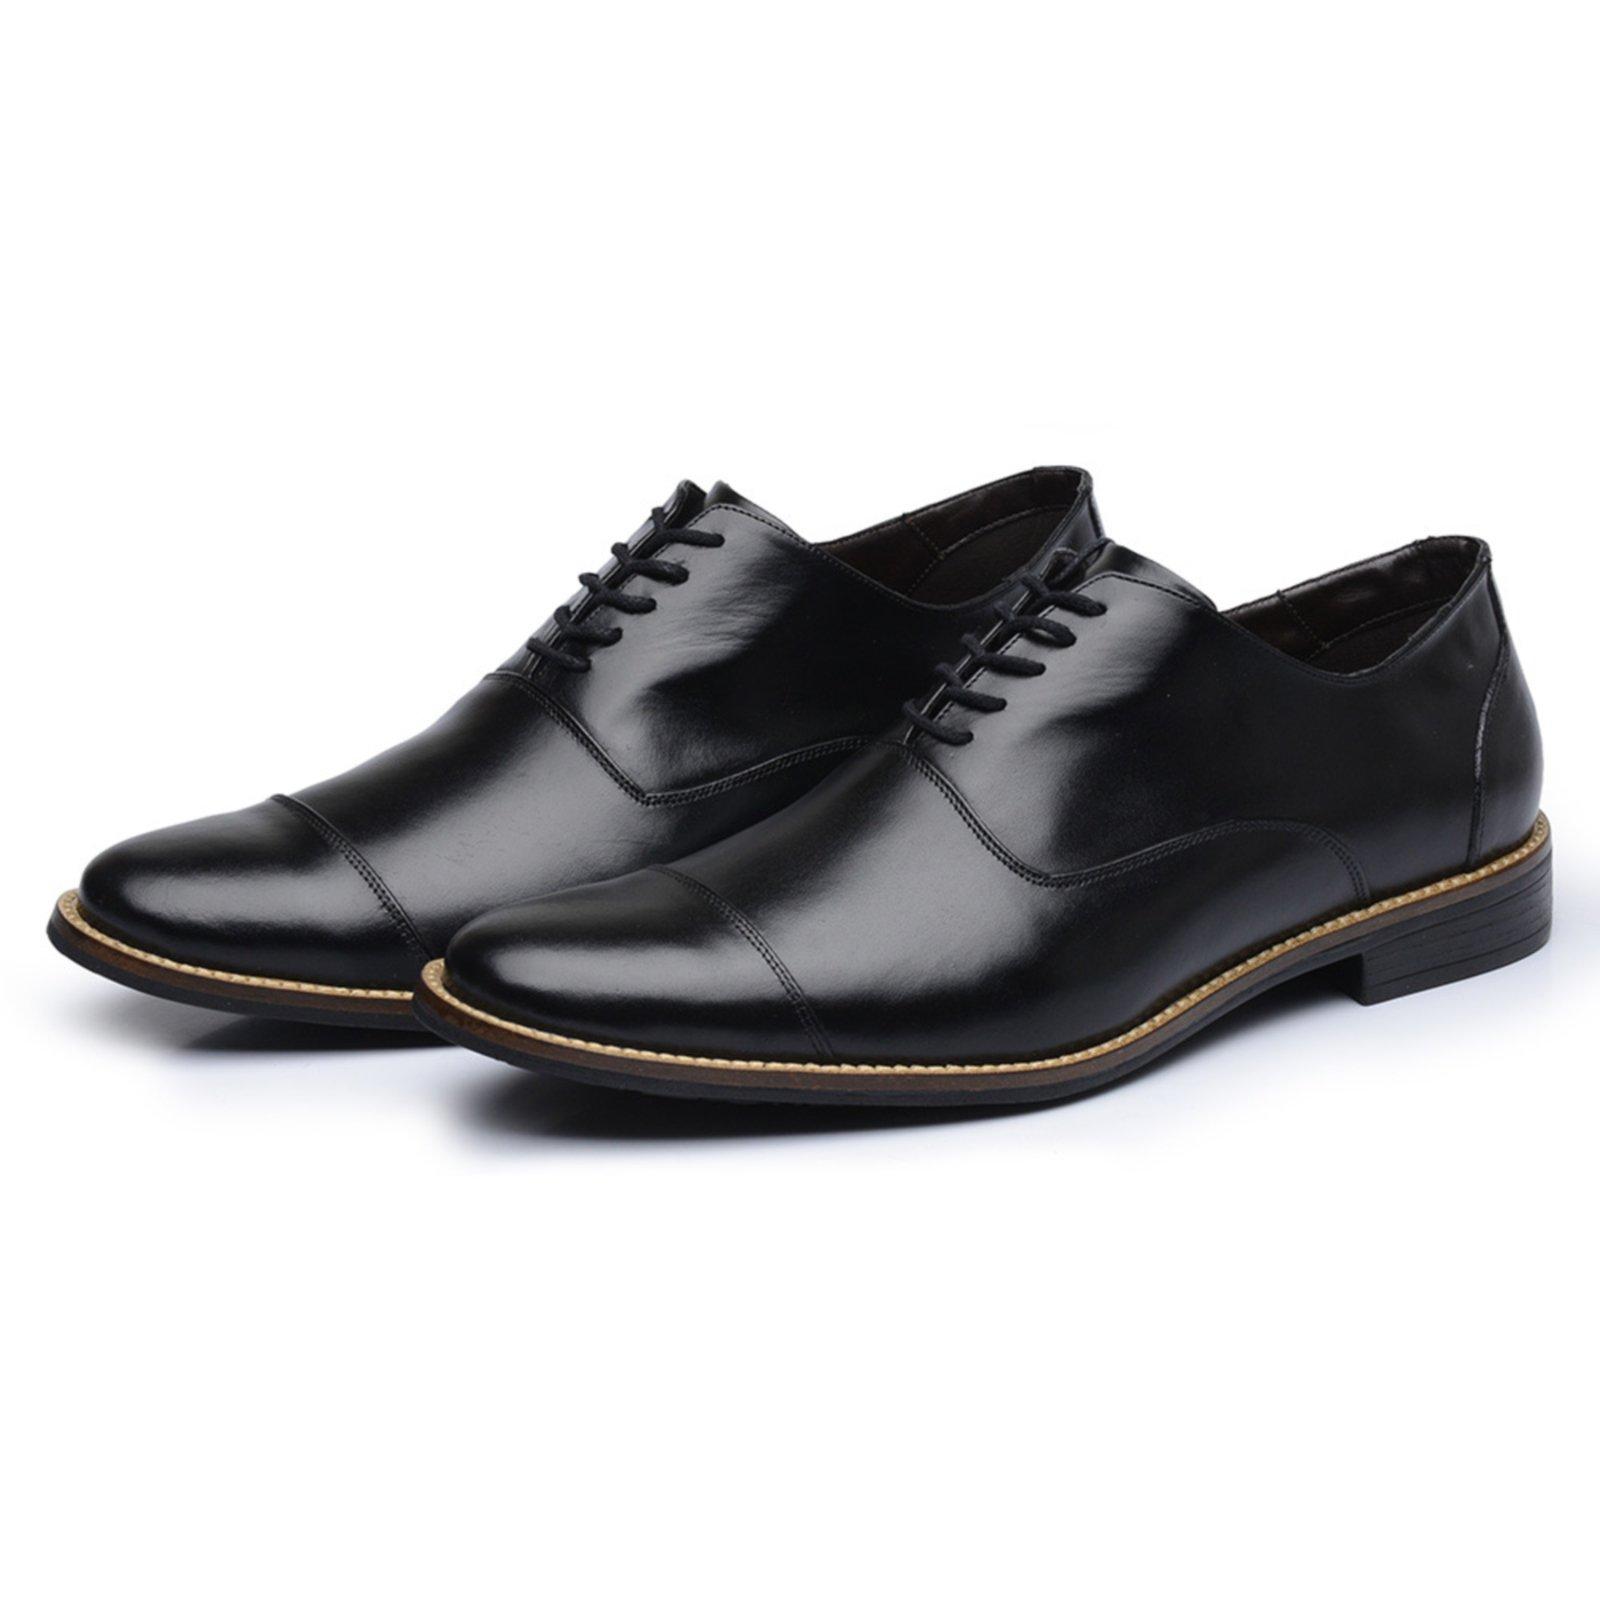 Sapato social italiano em couro